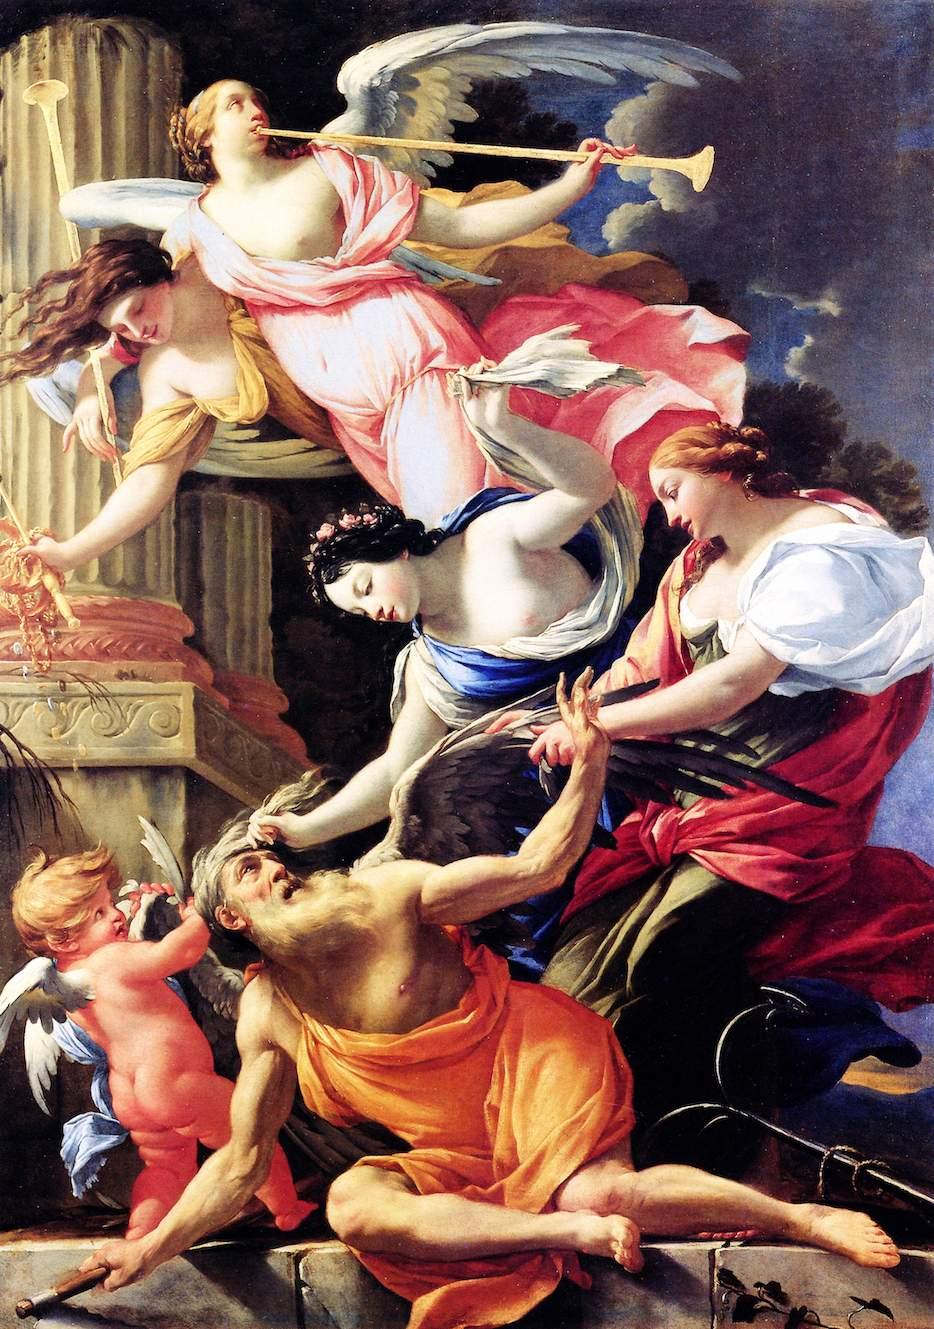 Simon Vouet Le temps vaicu, 1643-45 ht 187x142 Musée du Berry, Bourges - 3